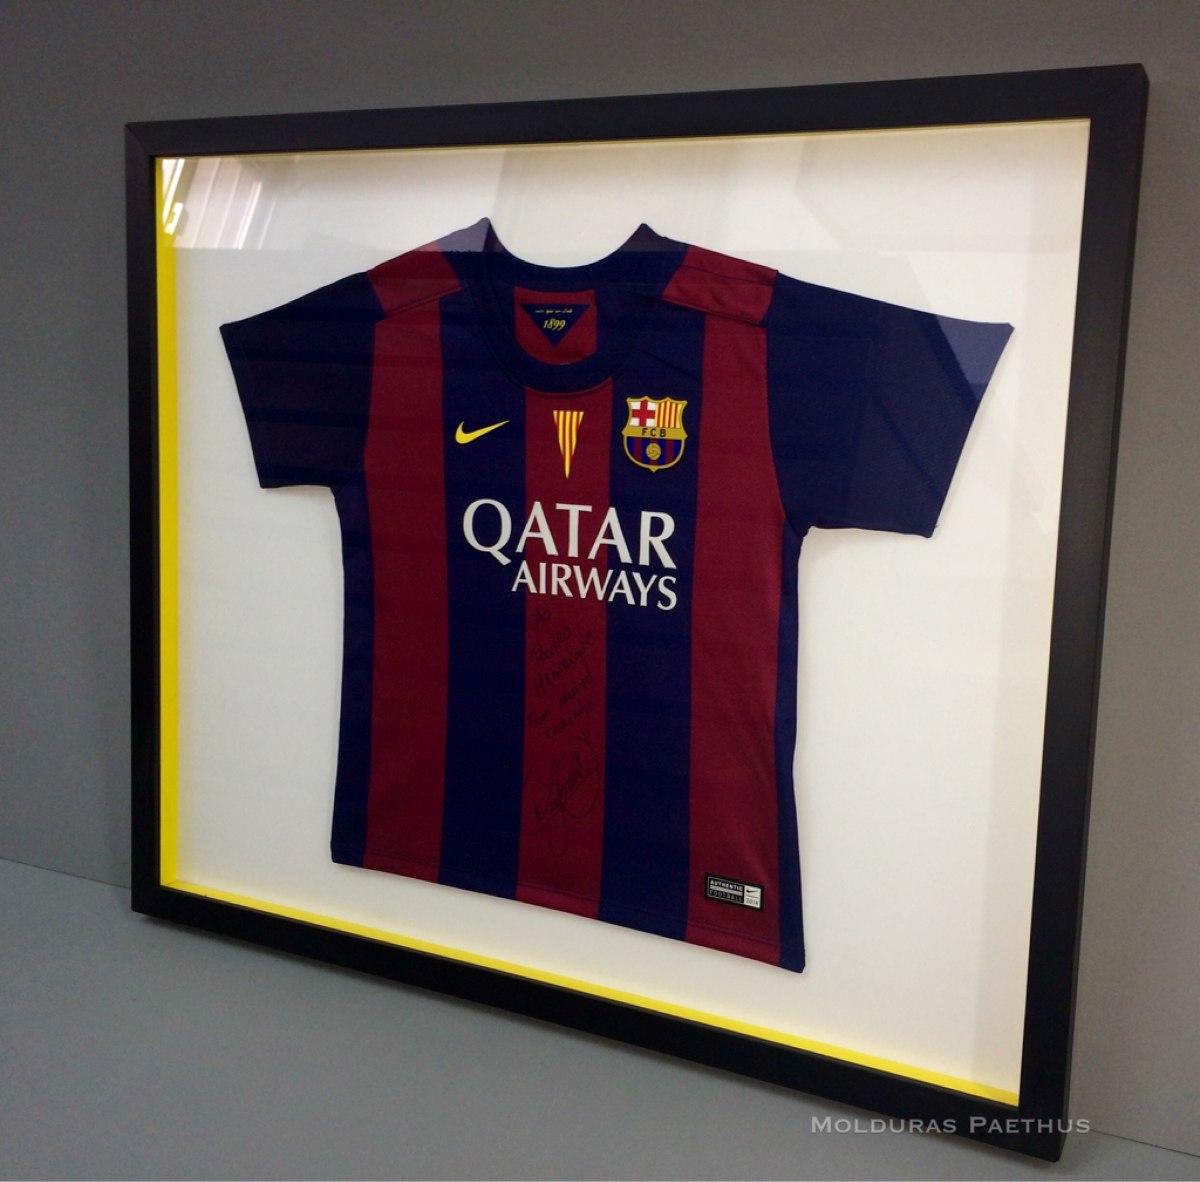 97d263a8a0 Moldura Para Quadro Camiseta De Futebol E Banda - Sob Medida - R ...